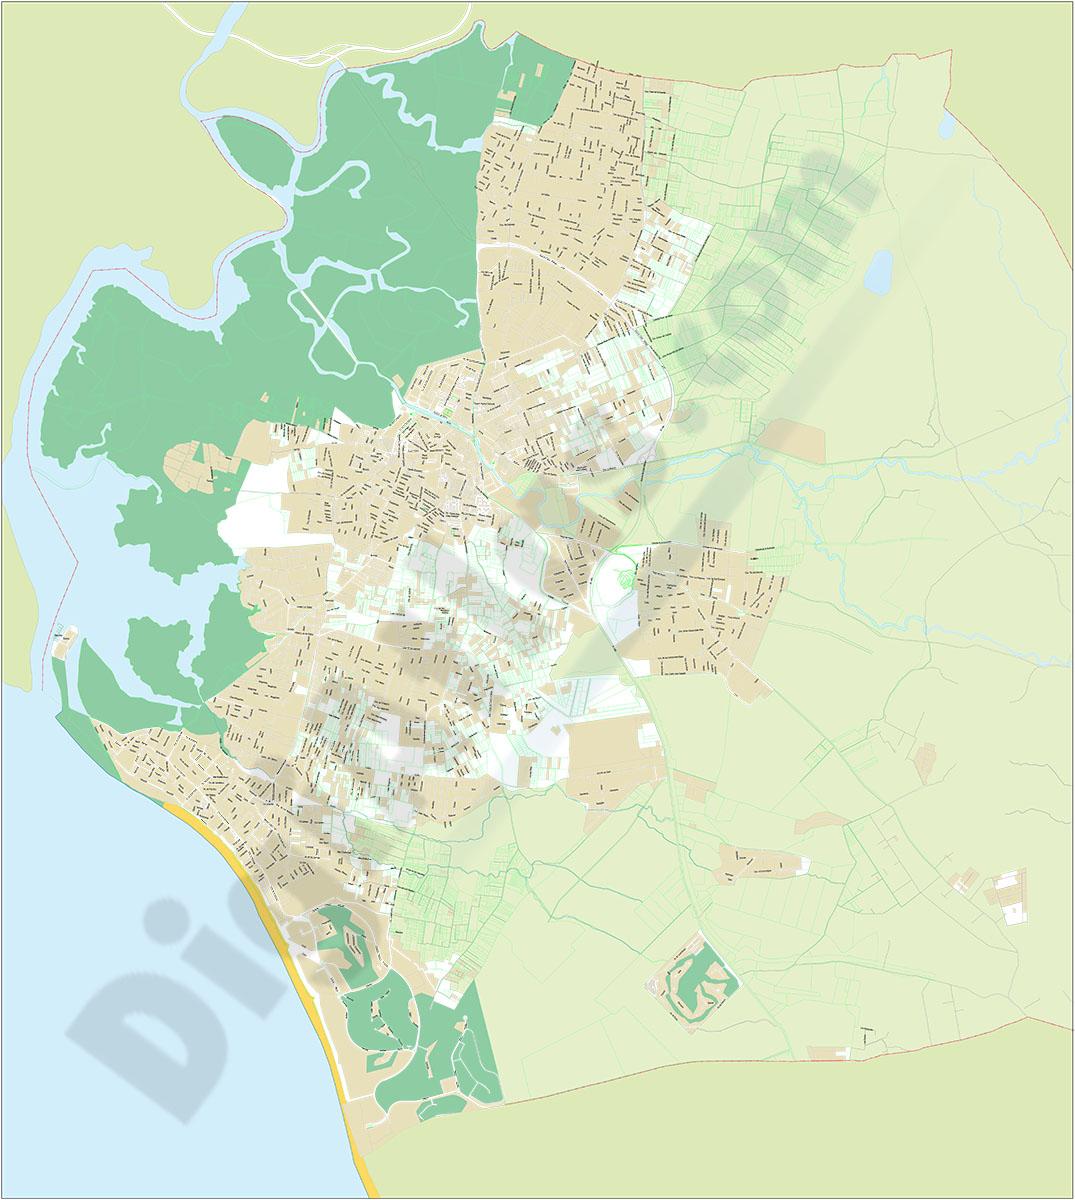 Chiclana de la Frontera - city map